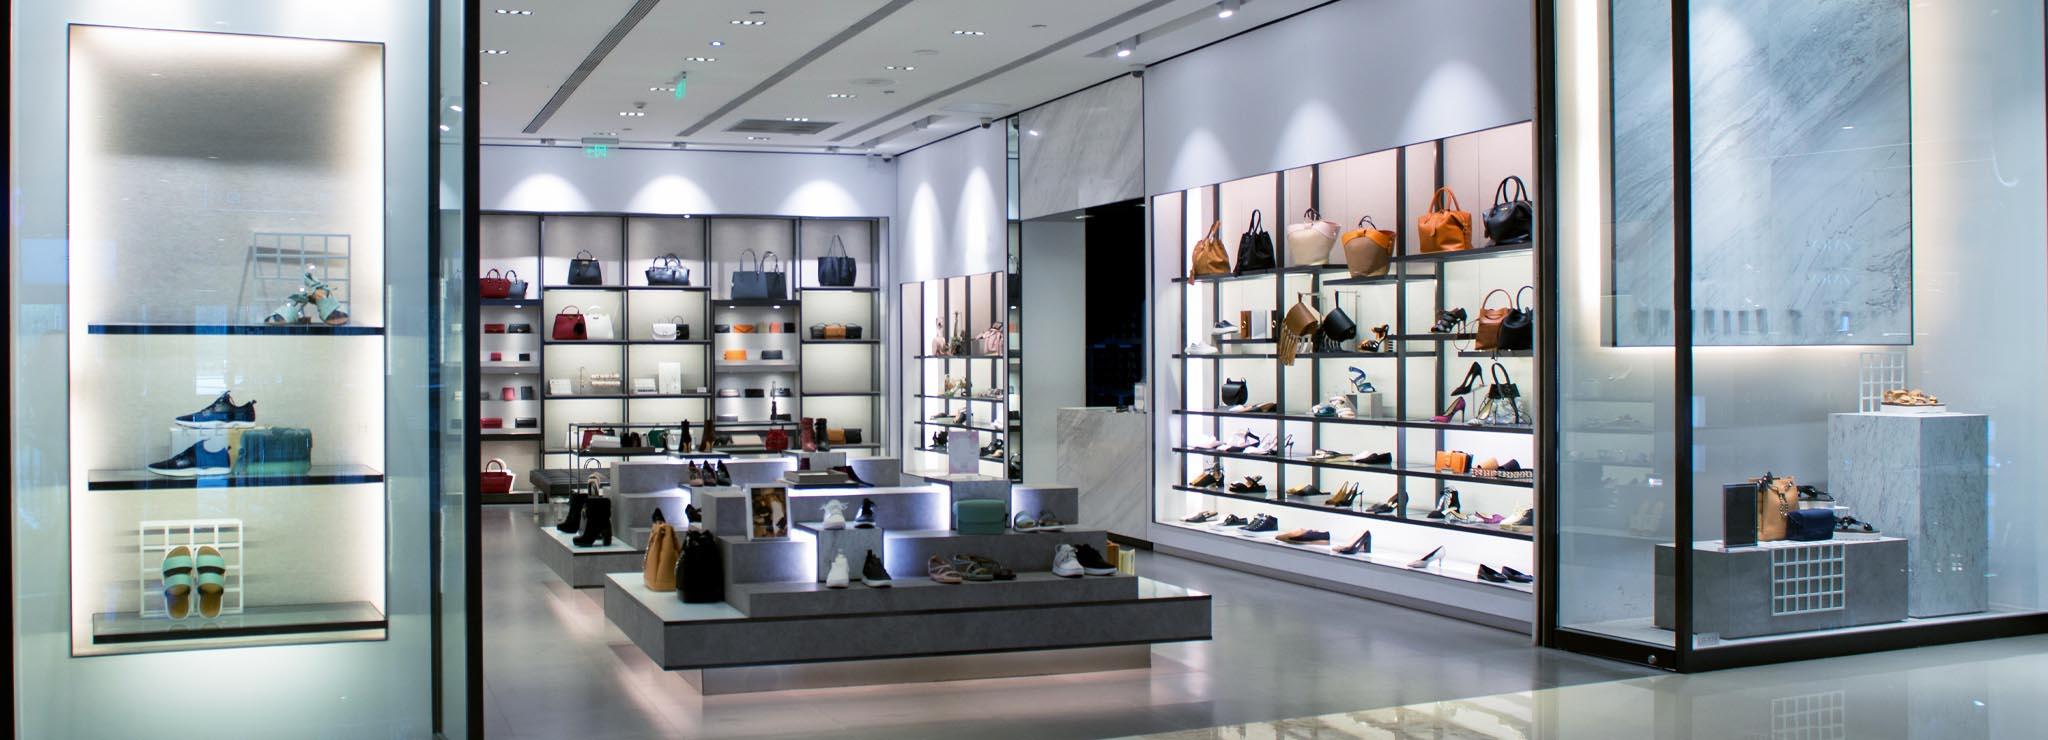 Master-en-Decoracion-Tiendas-Escaparatismo-y-Visual-Merchandising